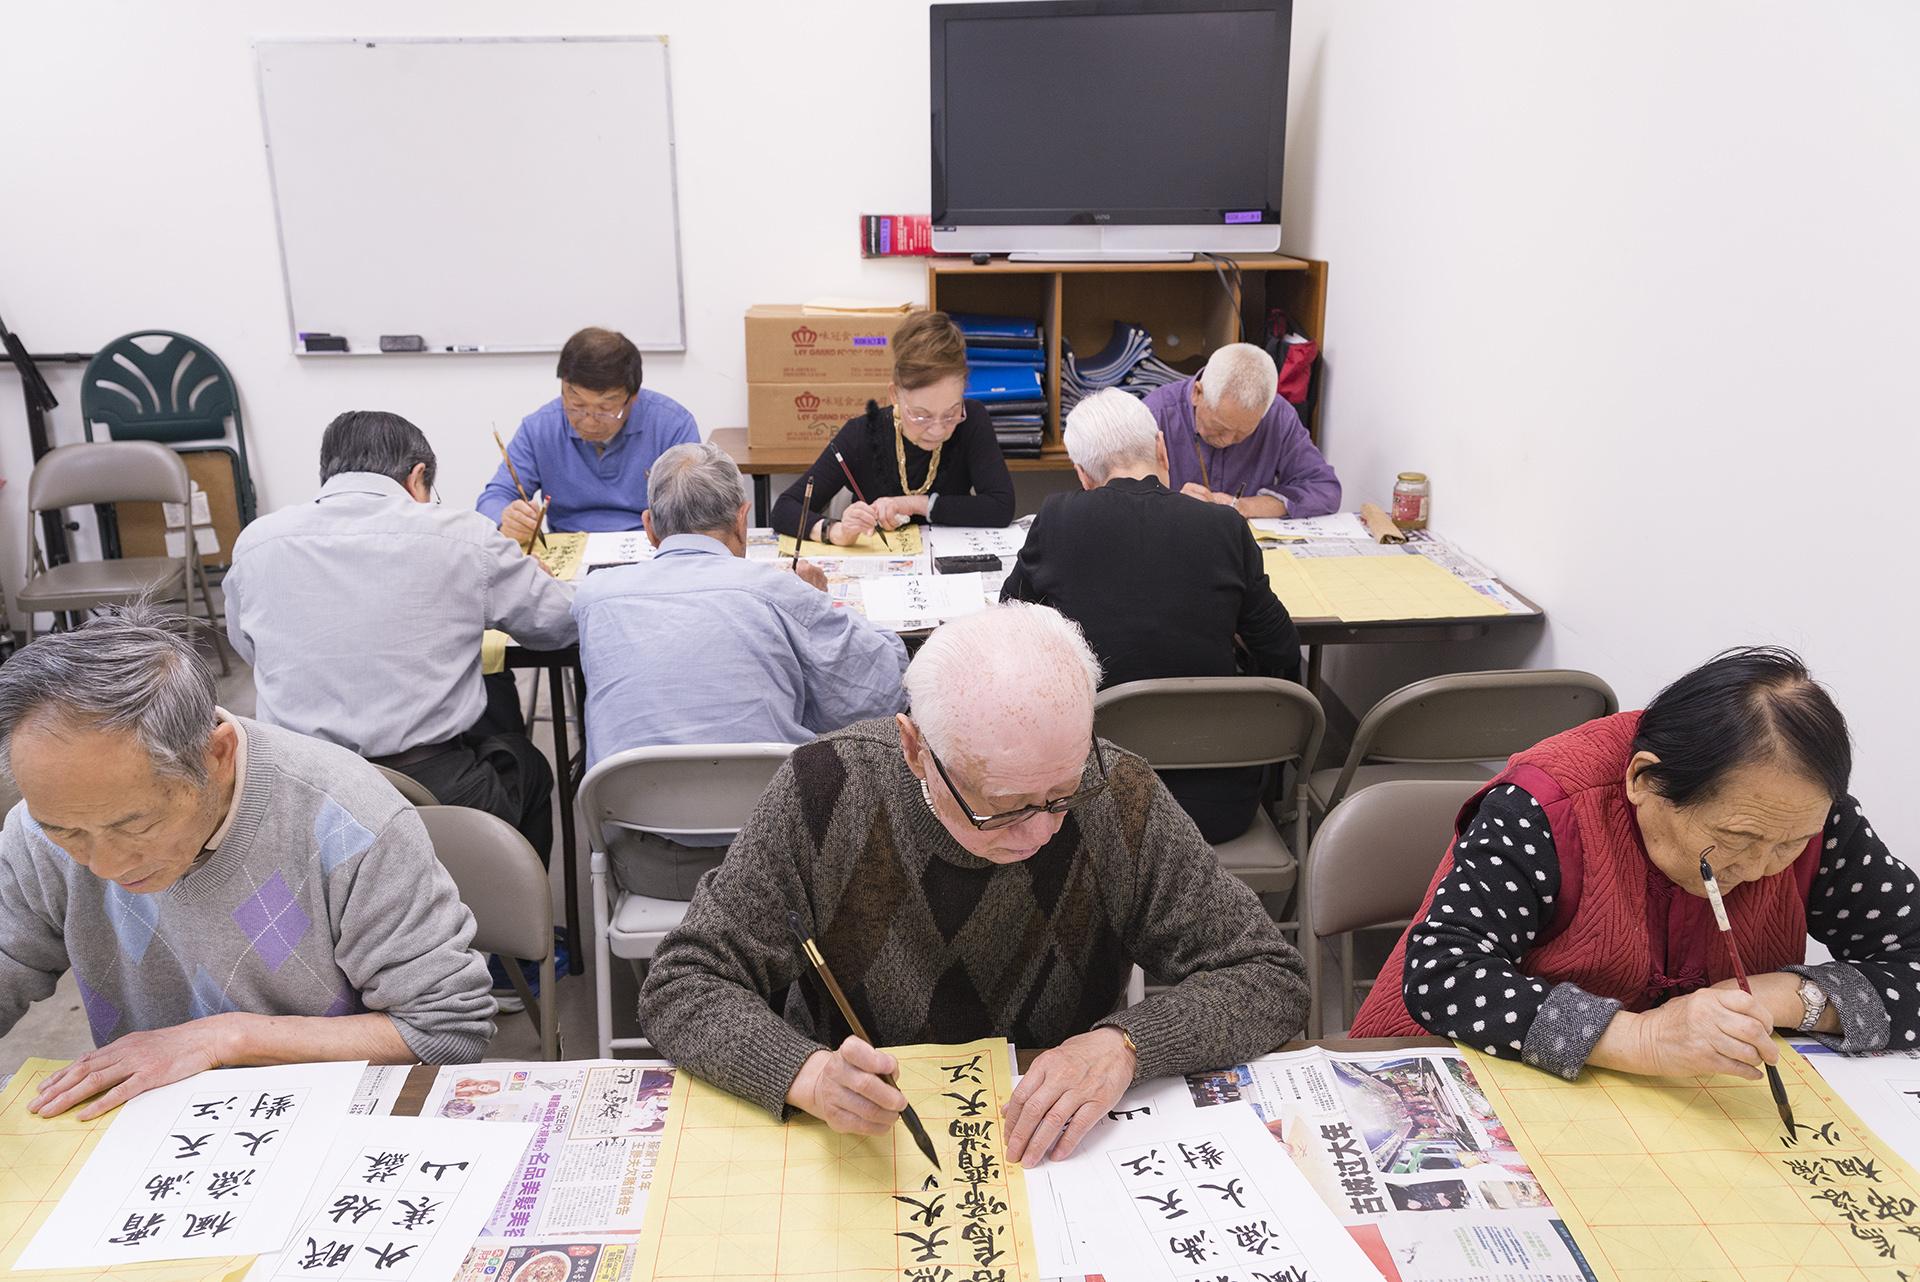 https://0201.nccdn.net/1_2/000/000/109/6f4/Calligraphy-Class2-1920x1282.jpg